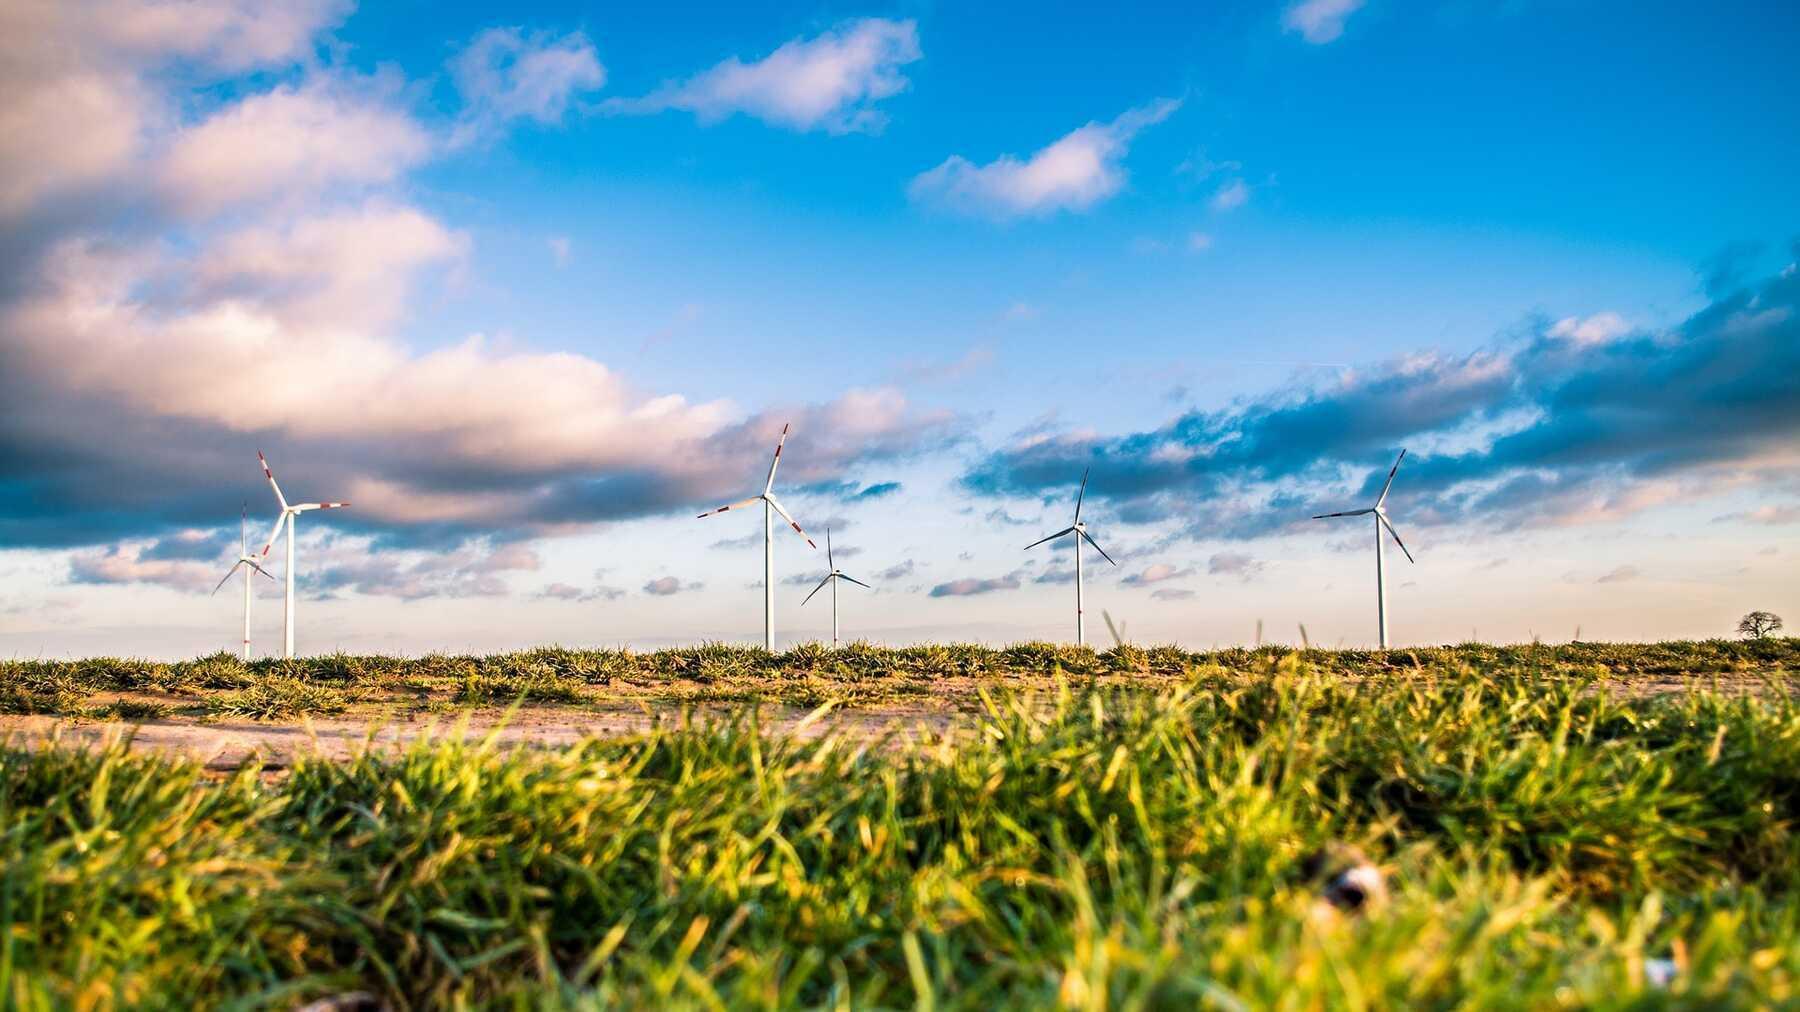 Europese klimaatwet mijlpaal in strijd tegen klimaatverandering